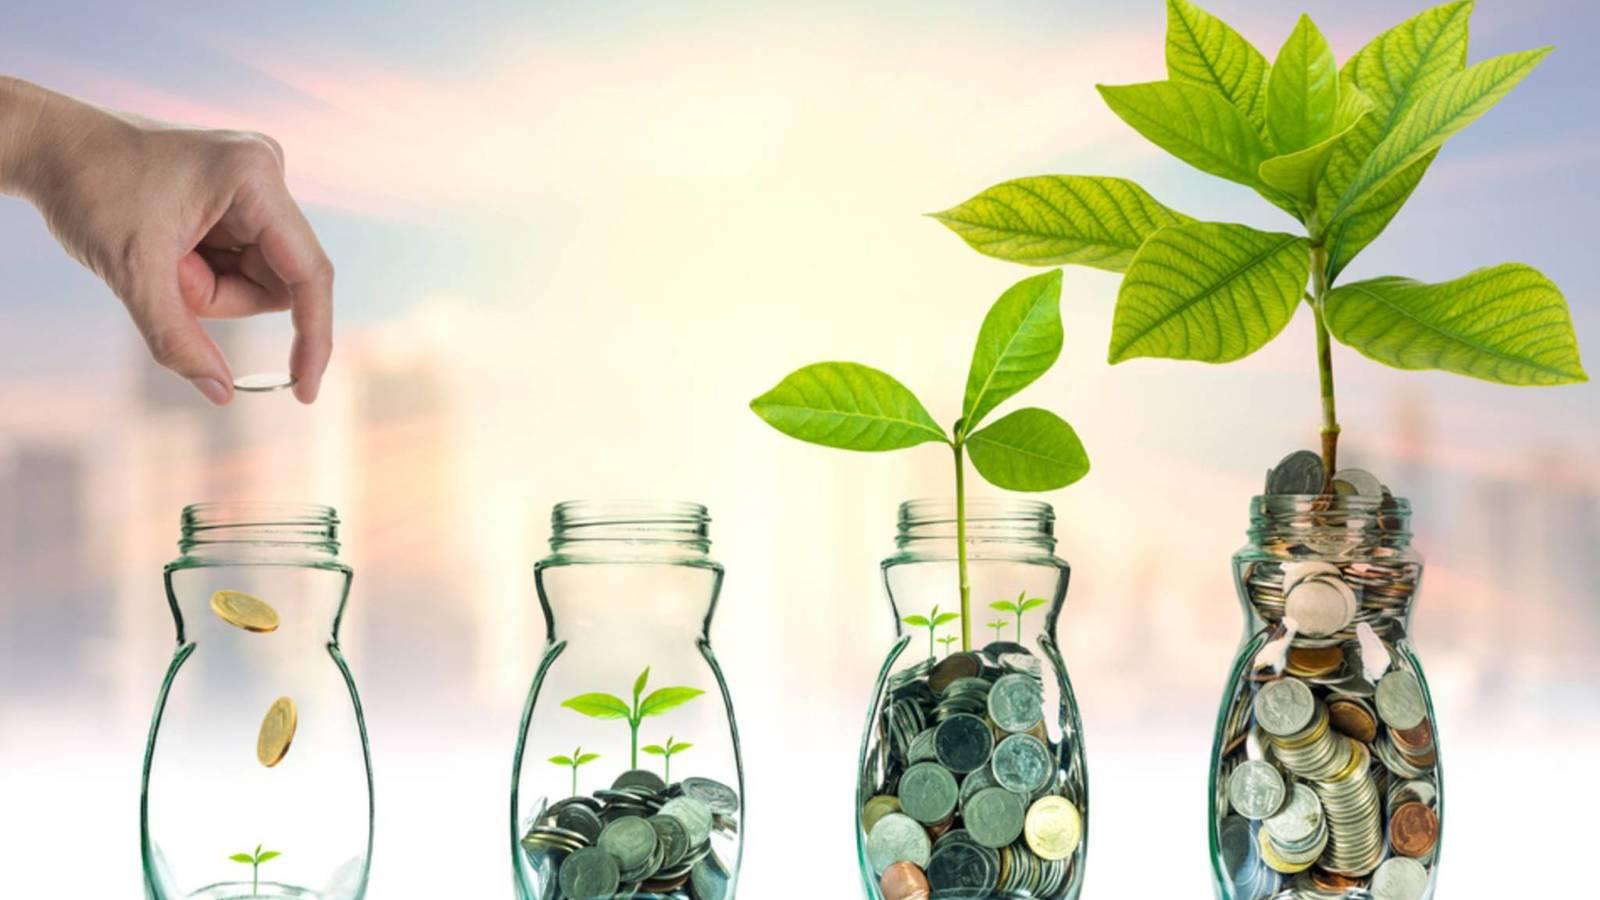 Inversión sostenible crece después de la COVID-19